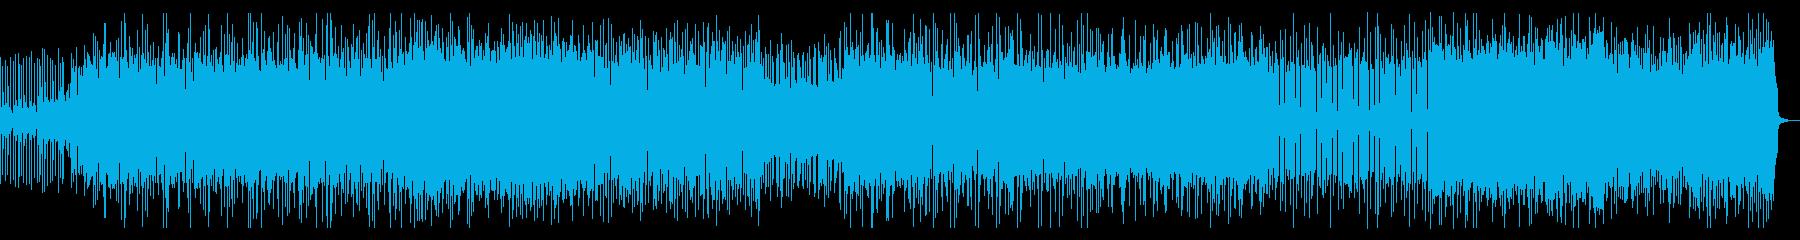 パンクロックリフバンドル!生演奏!の再生済みの波形